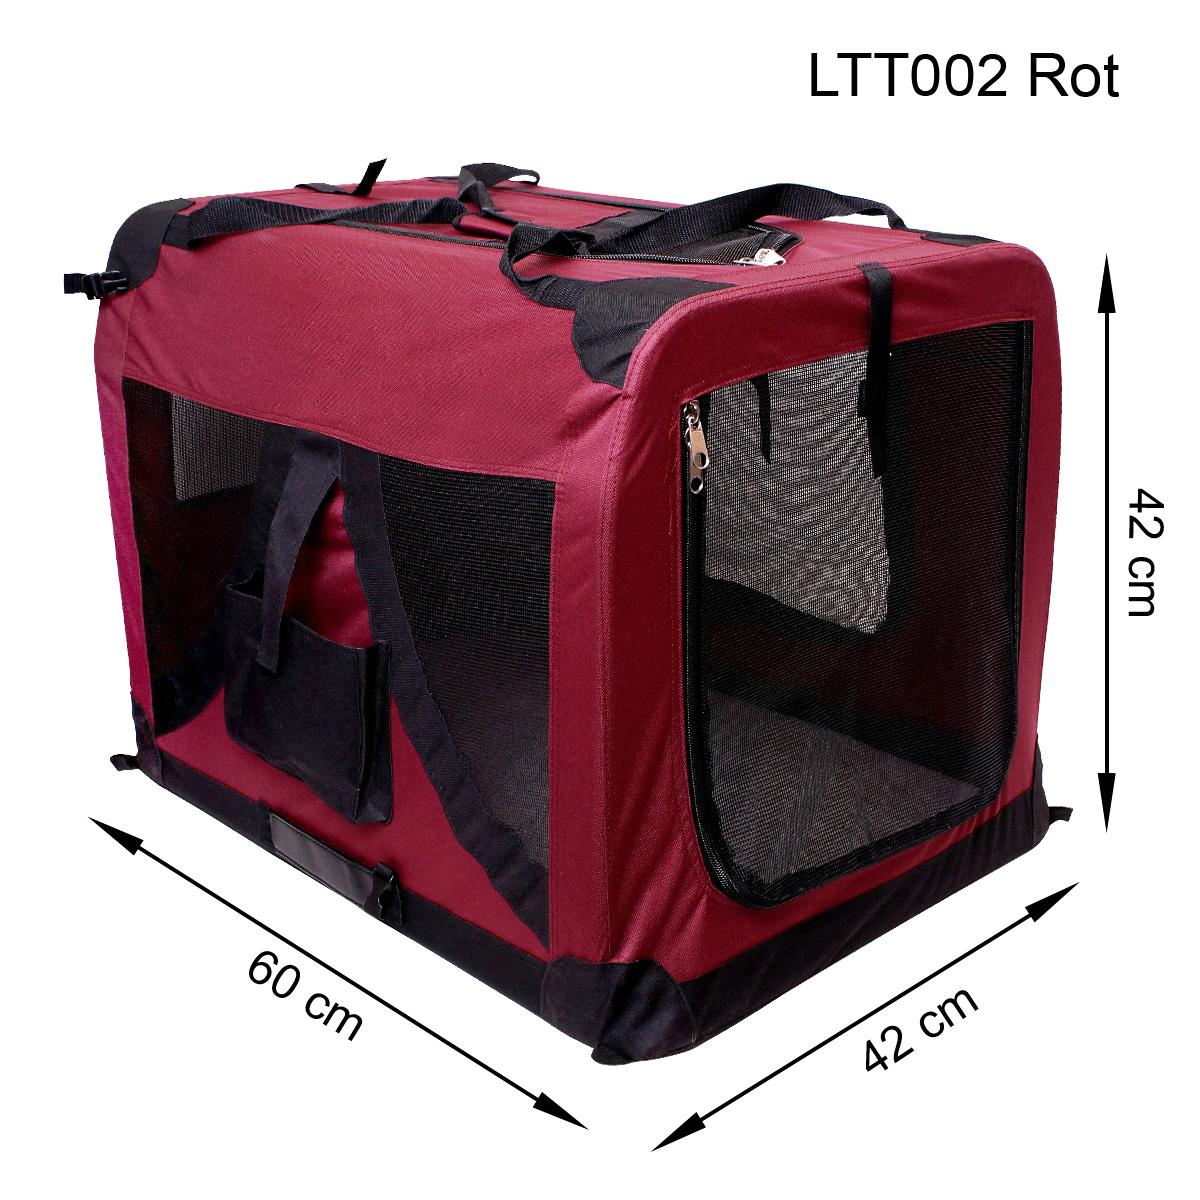 faltbare transportbox schlafplatz f r hund und katzen auto. Black Bedroom Furniture Sets. Home Design Ideas